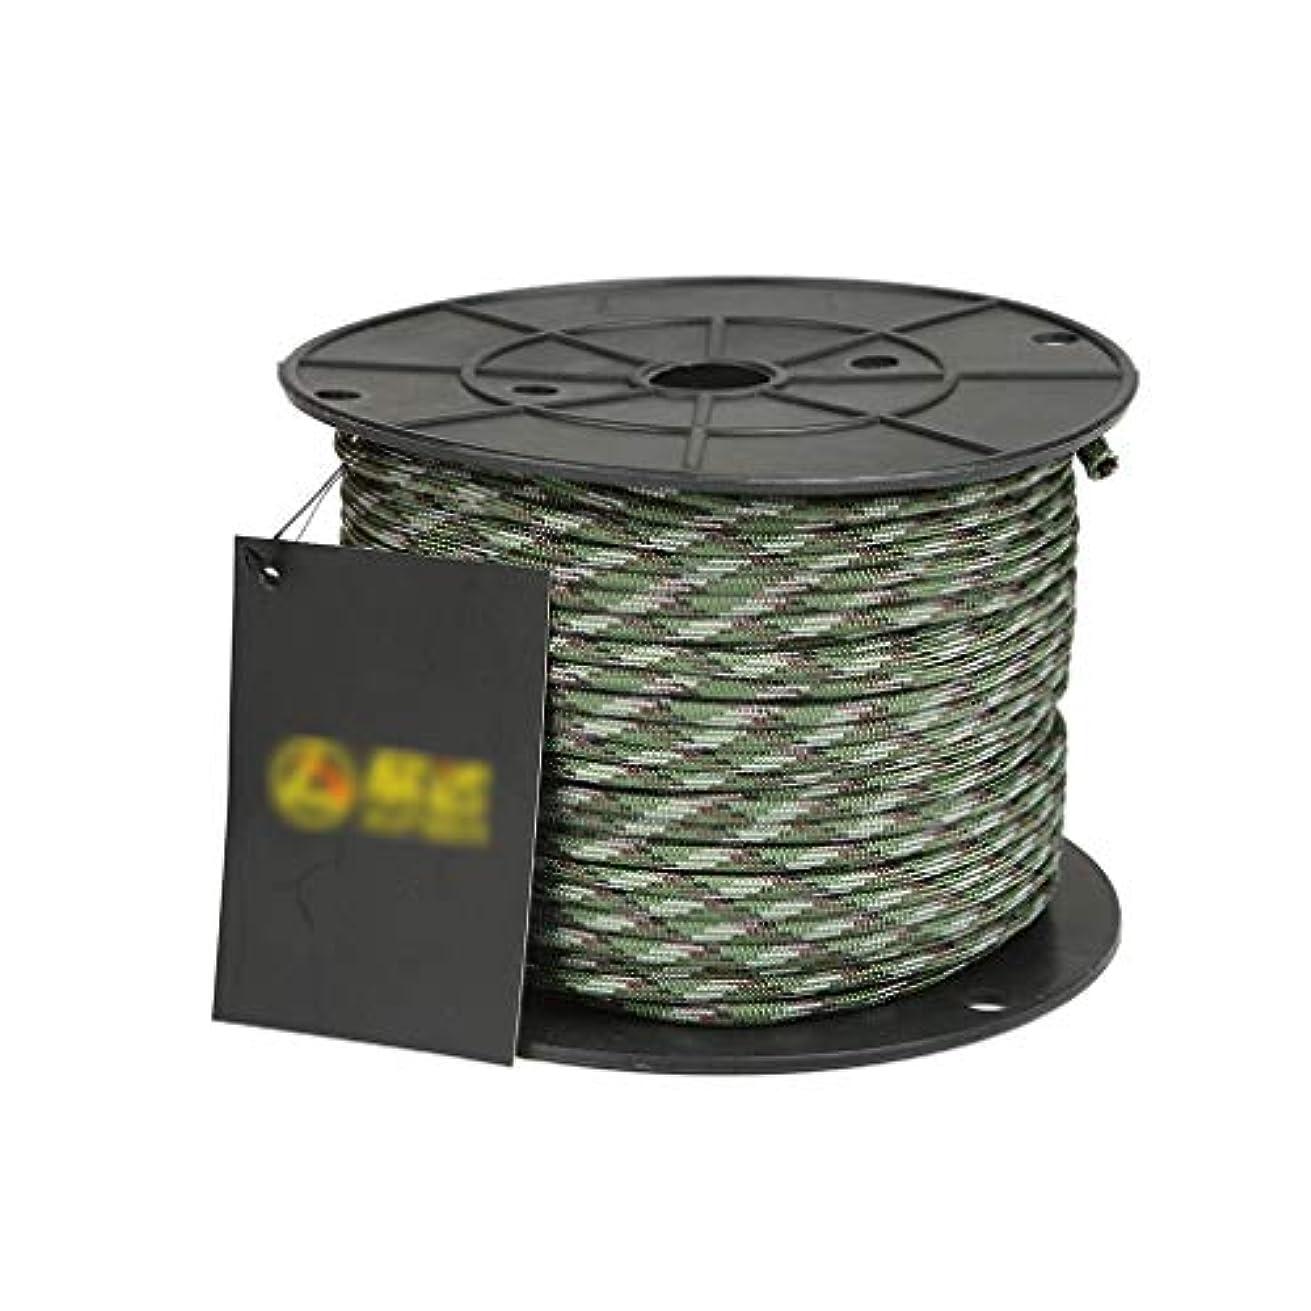 インデックス重力注意クライミングロープ 多色オプションの安全ロープ、長さ50mの高強度ポリエステルを使用した安全ロープ、直径4mm、容量292kgの安全ロープ (色 : 迷彩)